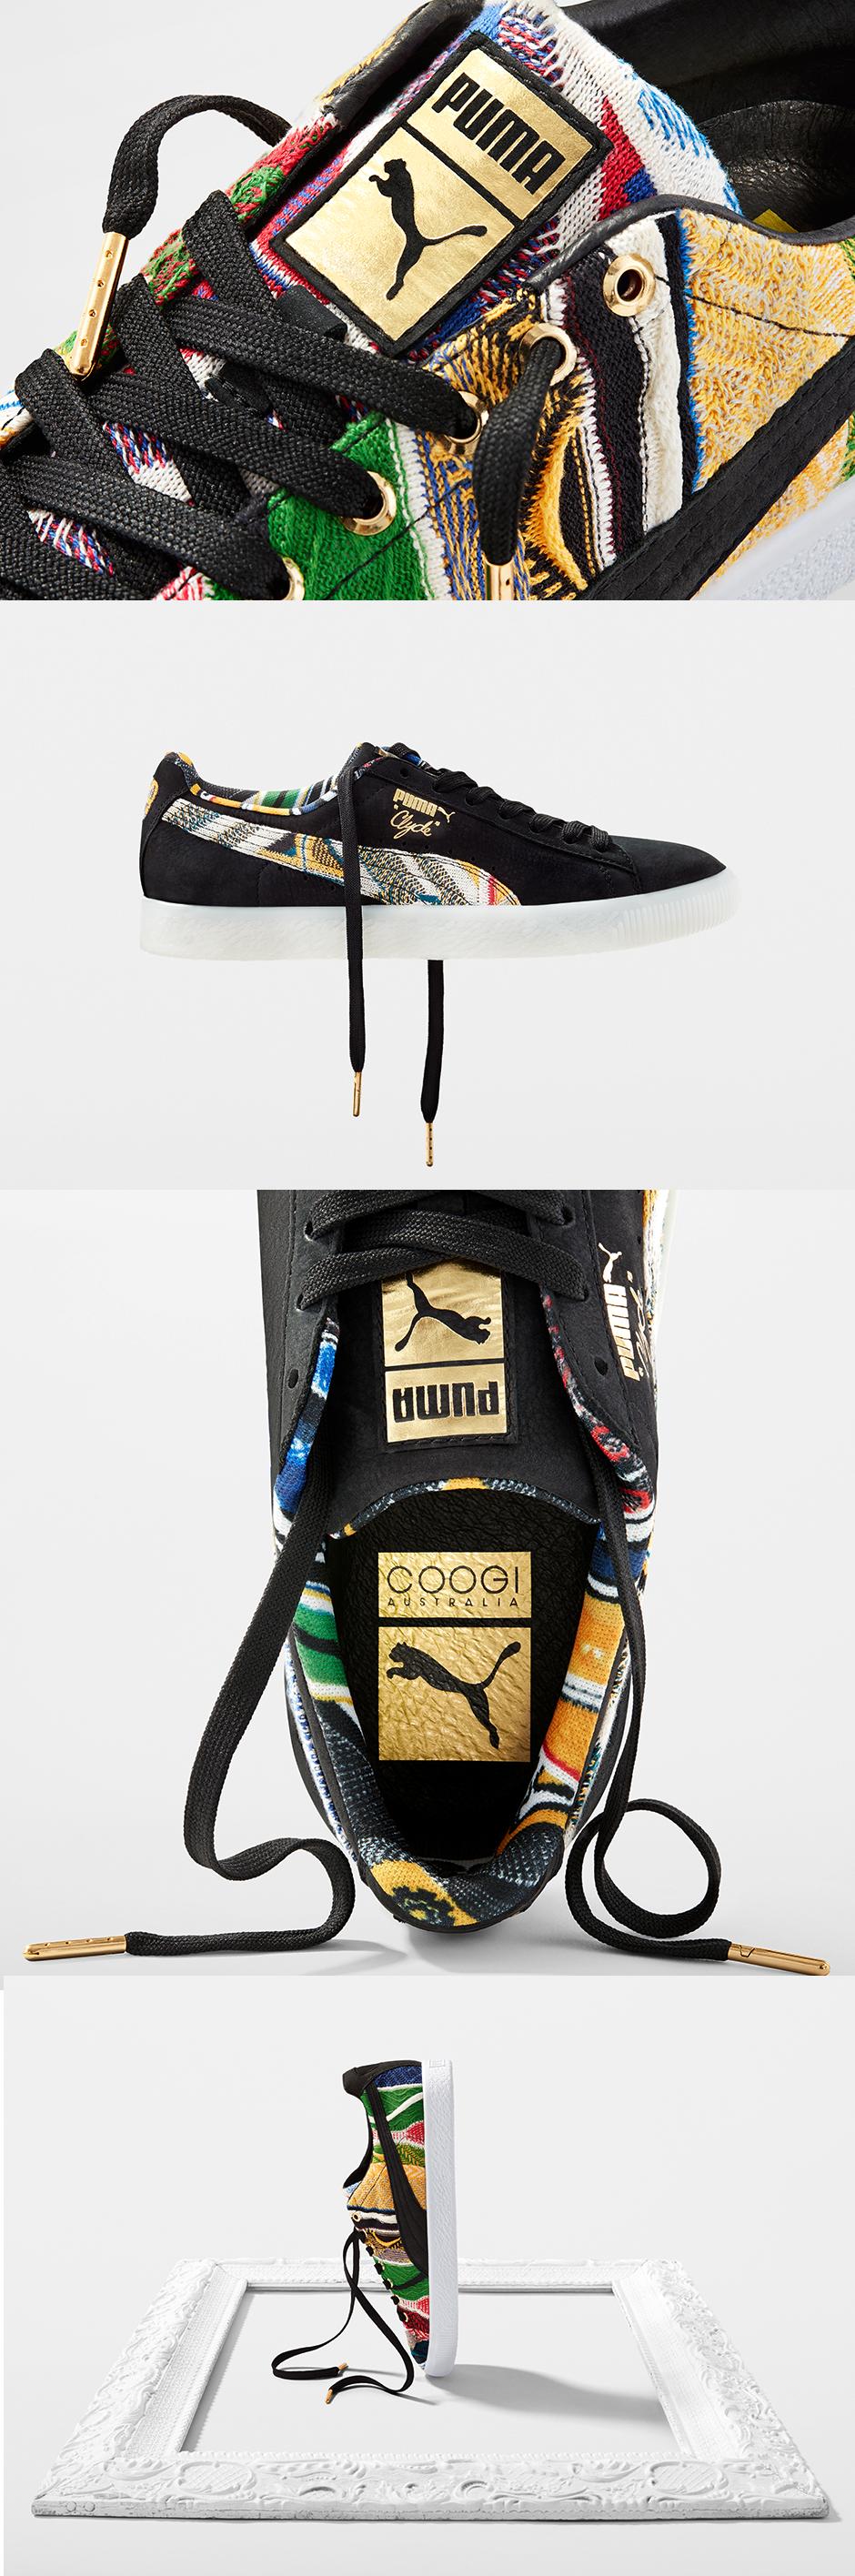 Coogi X Puma Clyde Wiosna 2017 Zapatos Puma Tenis Para Hombre Zapatillas